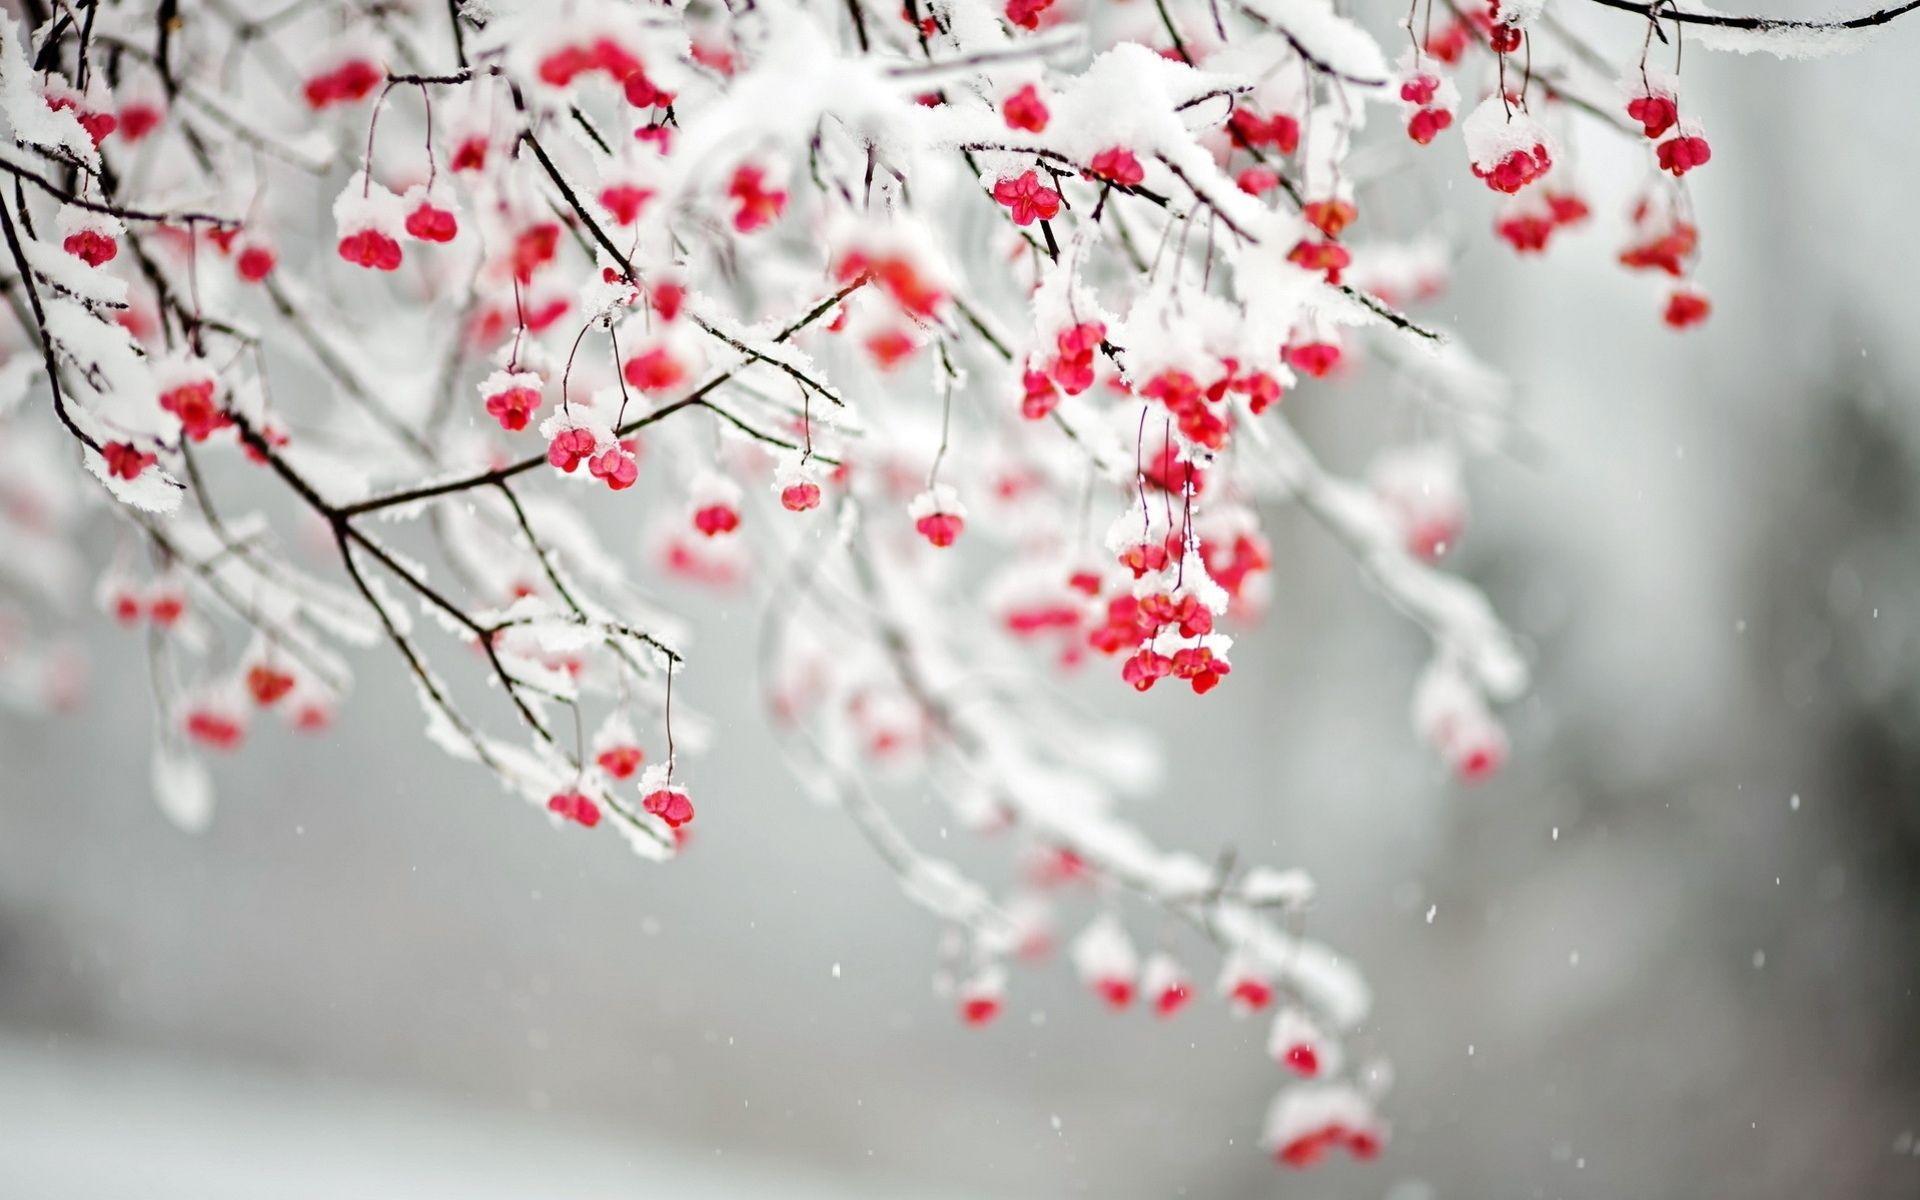 Flowers In Snow Desktop Wallpapers Top Free Flowers In Snow Desktop Backgrounds Wallpaperaccess